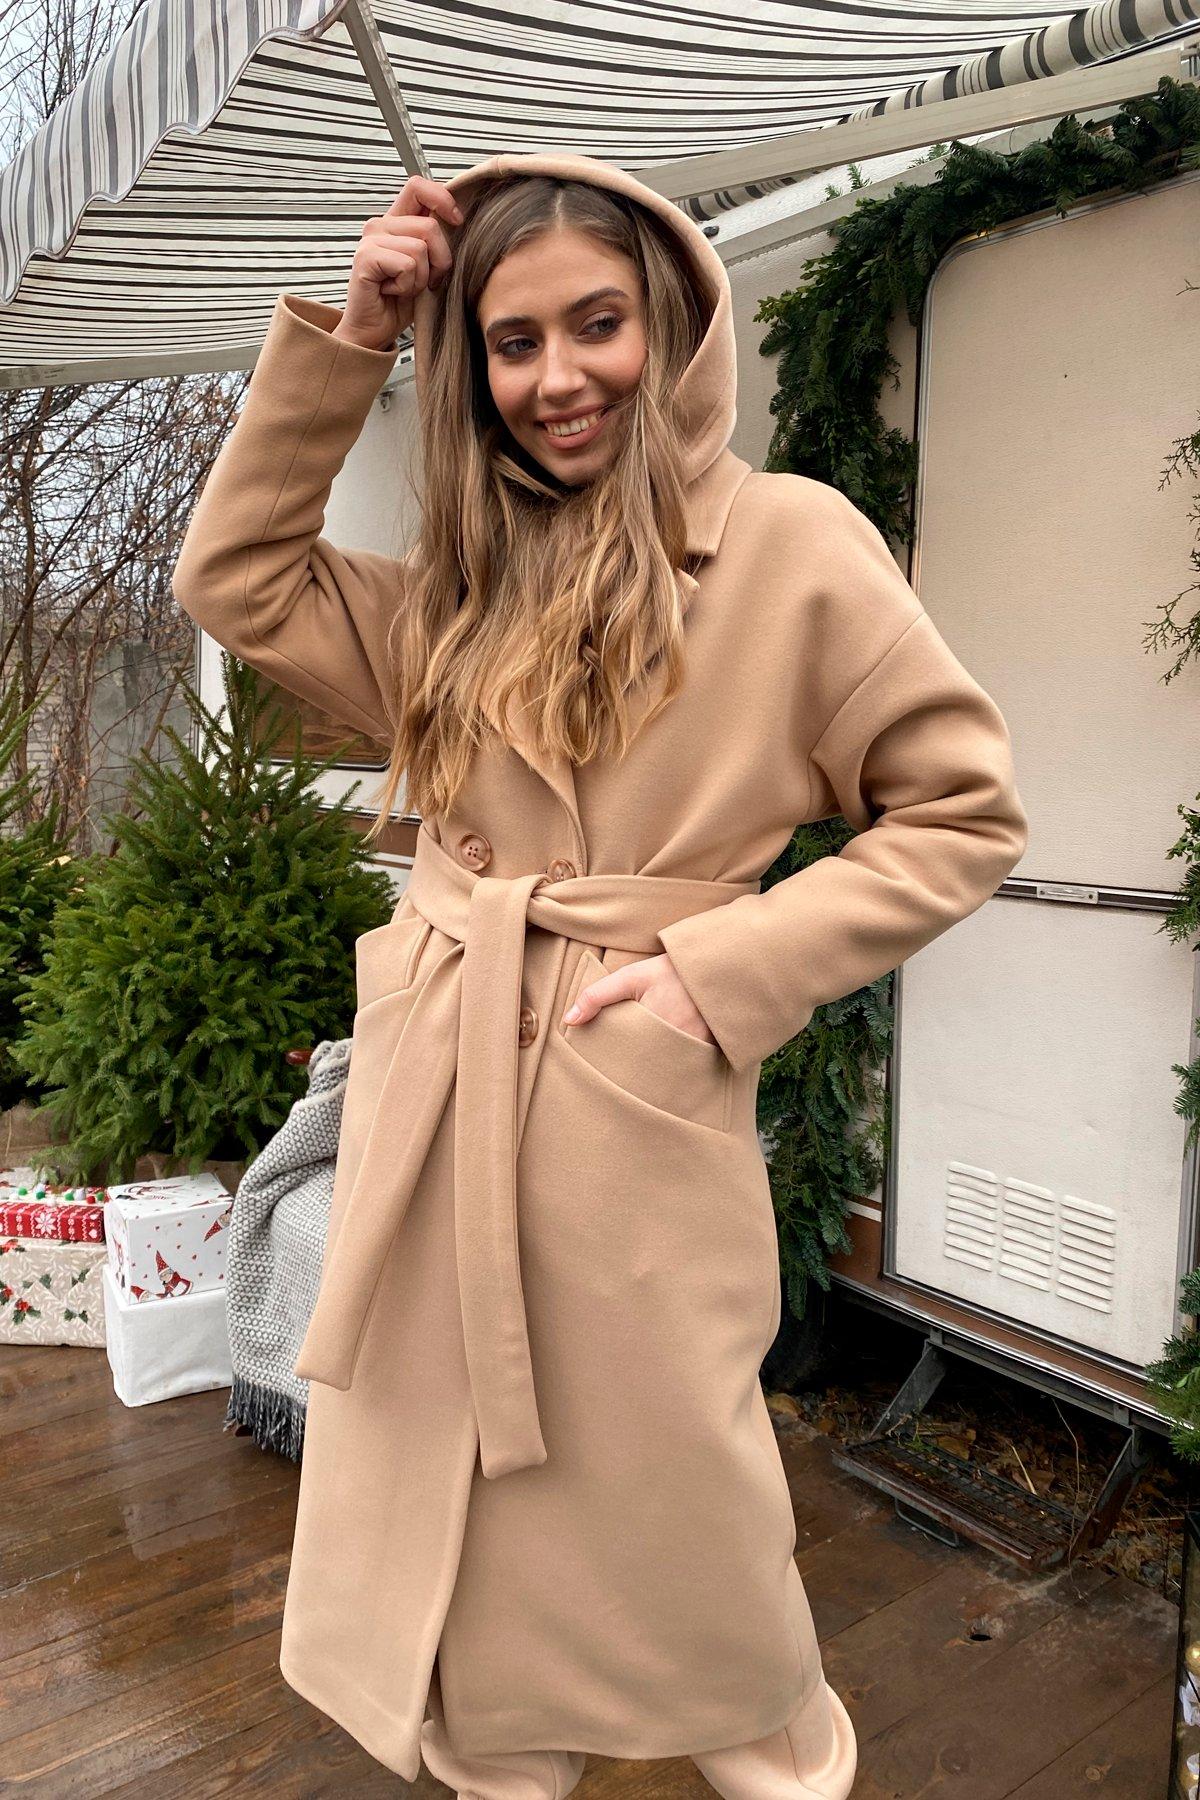 Зимнее пальто женское интернет магазин Украина Сенсей макси кашемир турецкий зима пальто 10041